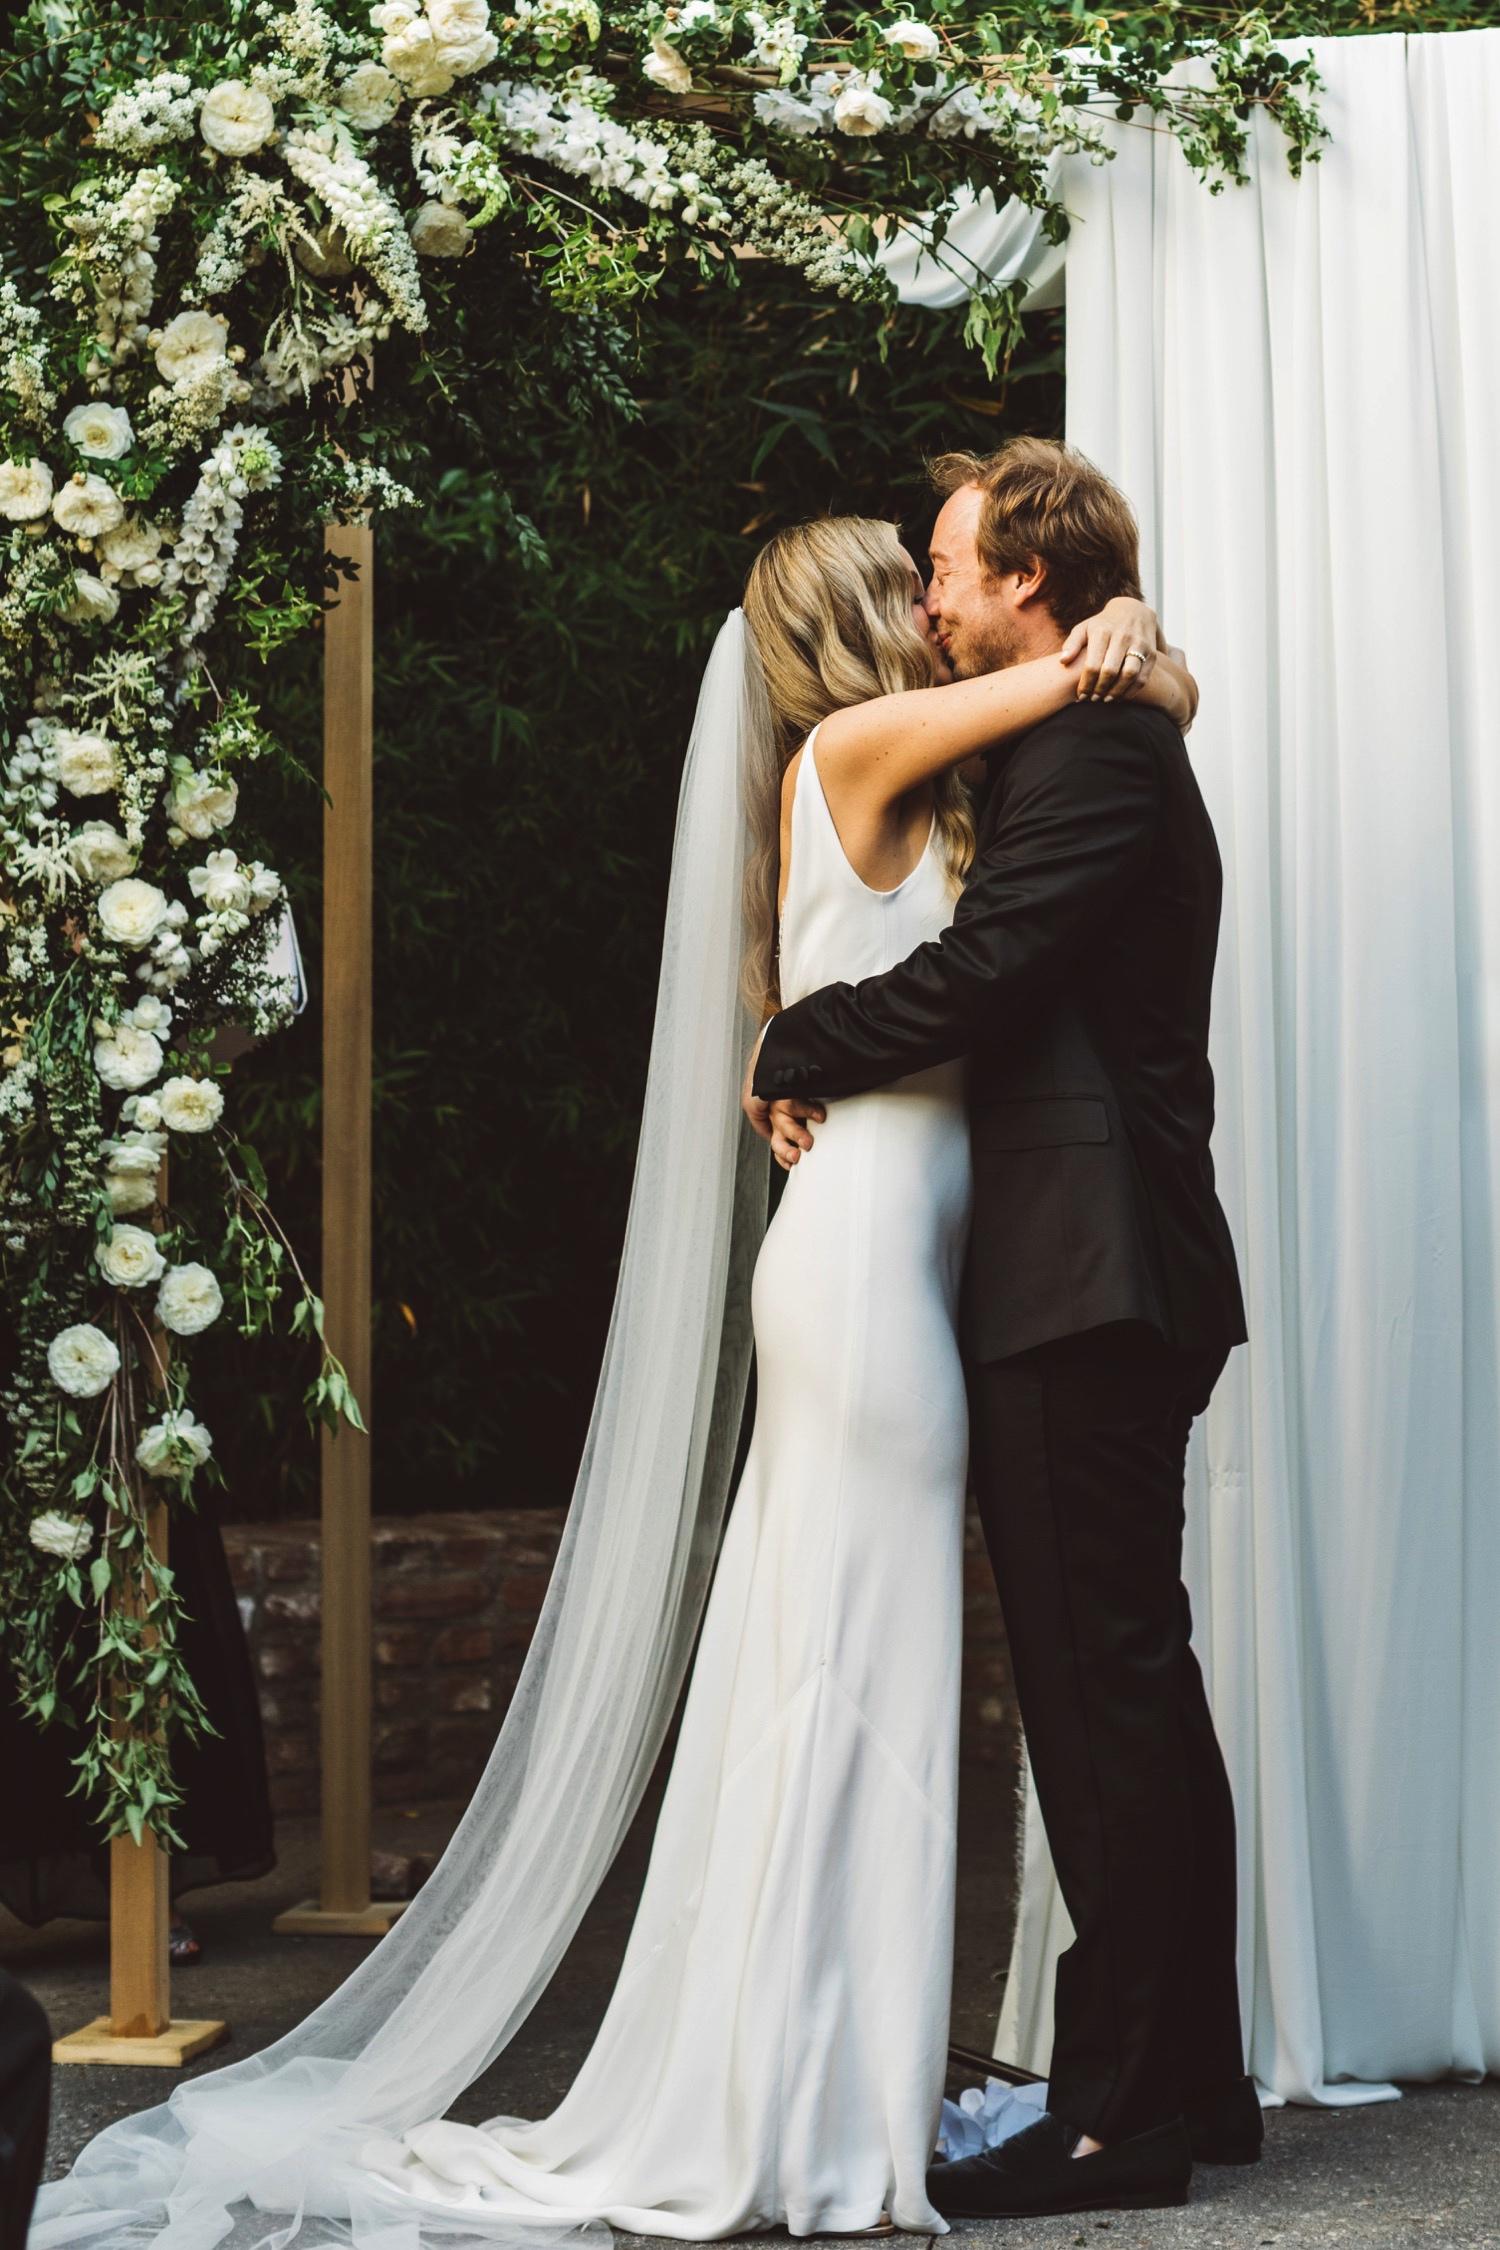 000039_Matt+Kaily- Married_stevecowellphoto-4245.jpg